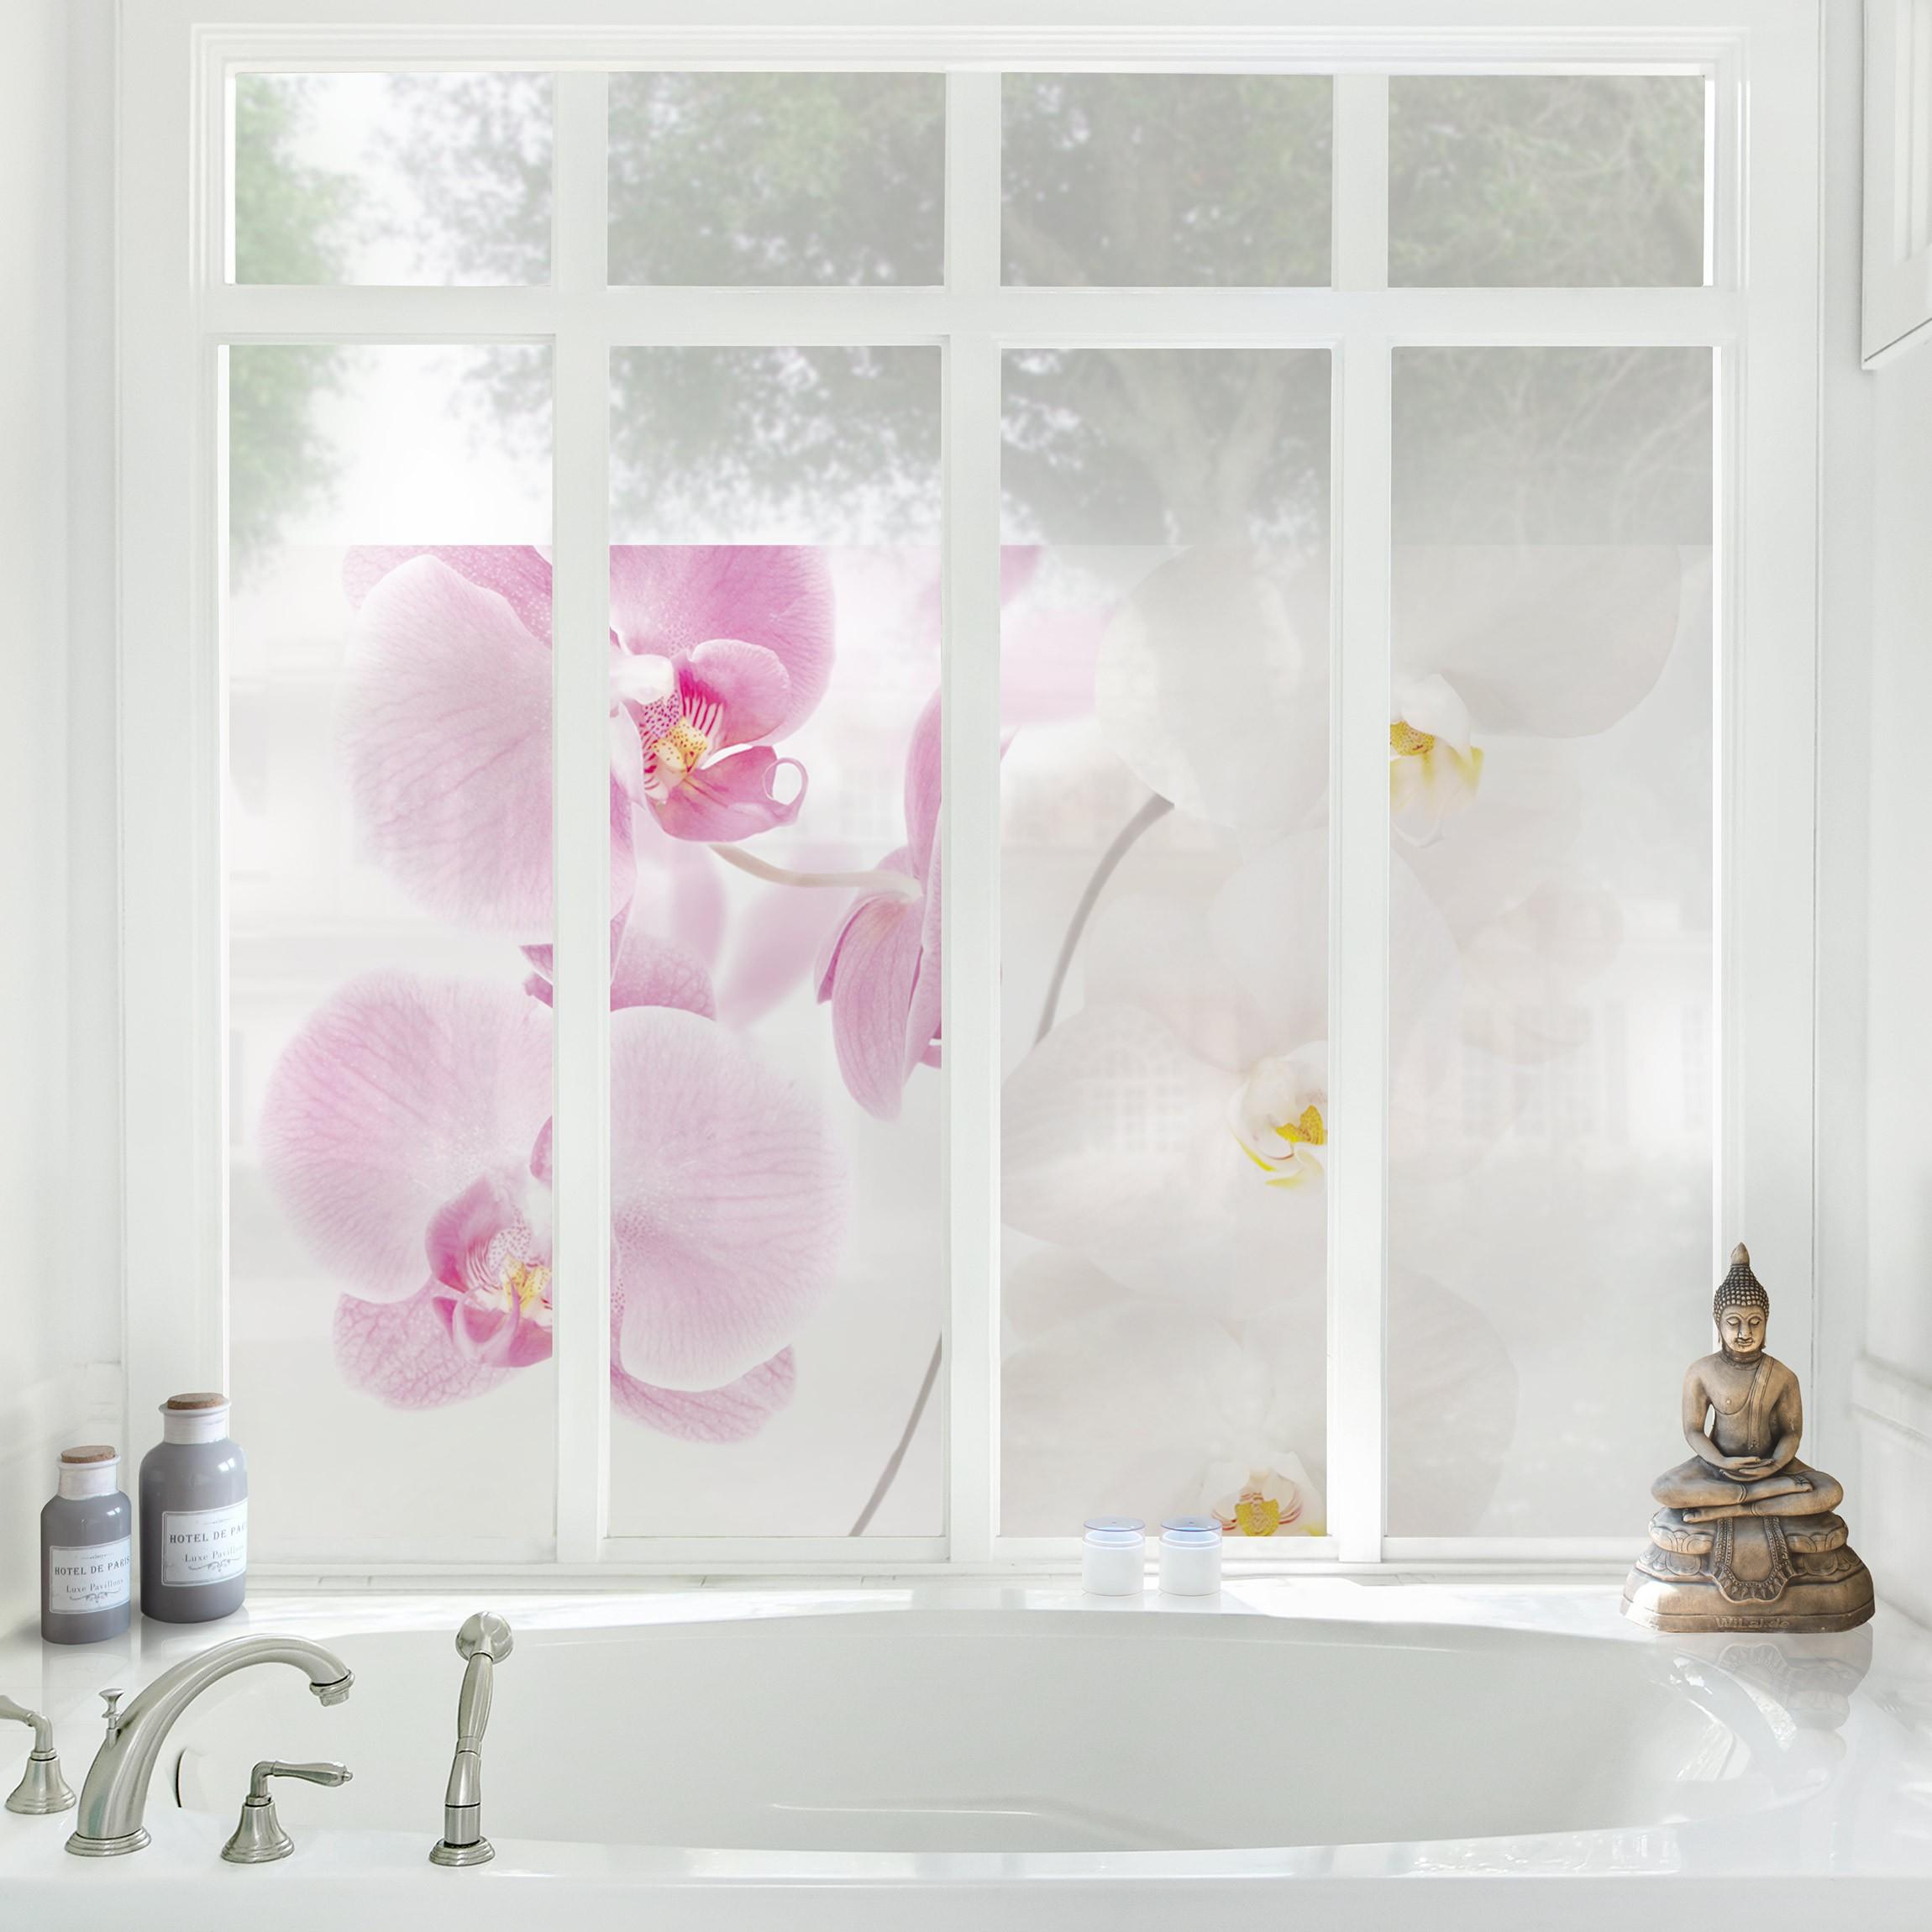 Full Size of Orchideenbild Fensterfolie Sichtschutz Fenster Delicate Orchids Sofa Für Esszimmer Sichtschutzfolien Velux Ersatzteile Zwangsbelüftung Nachrüsten Fenster Sichtschutzfolie Für Fenster